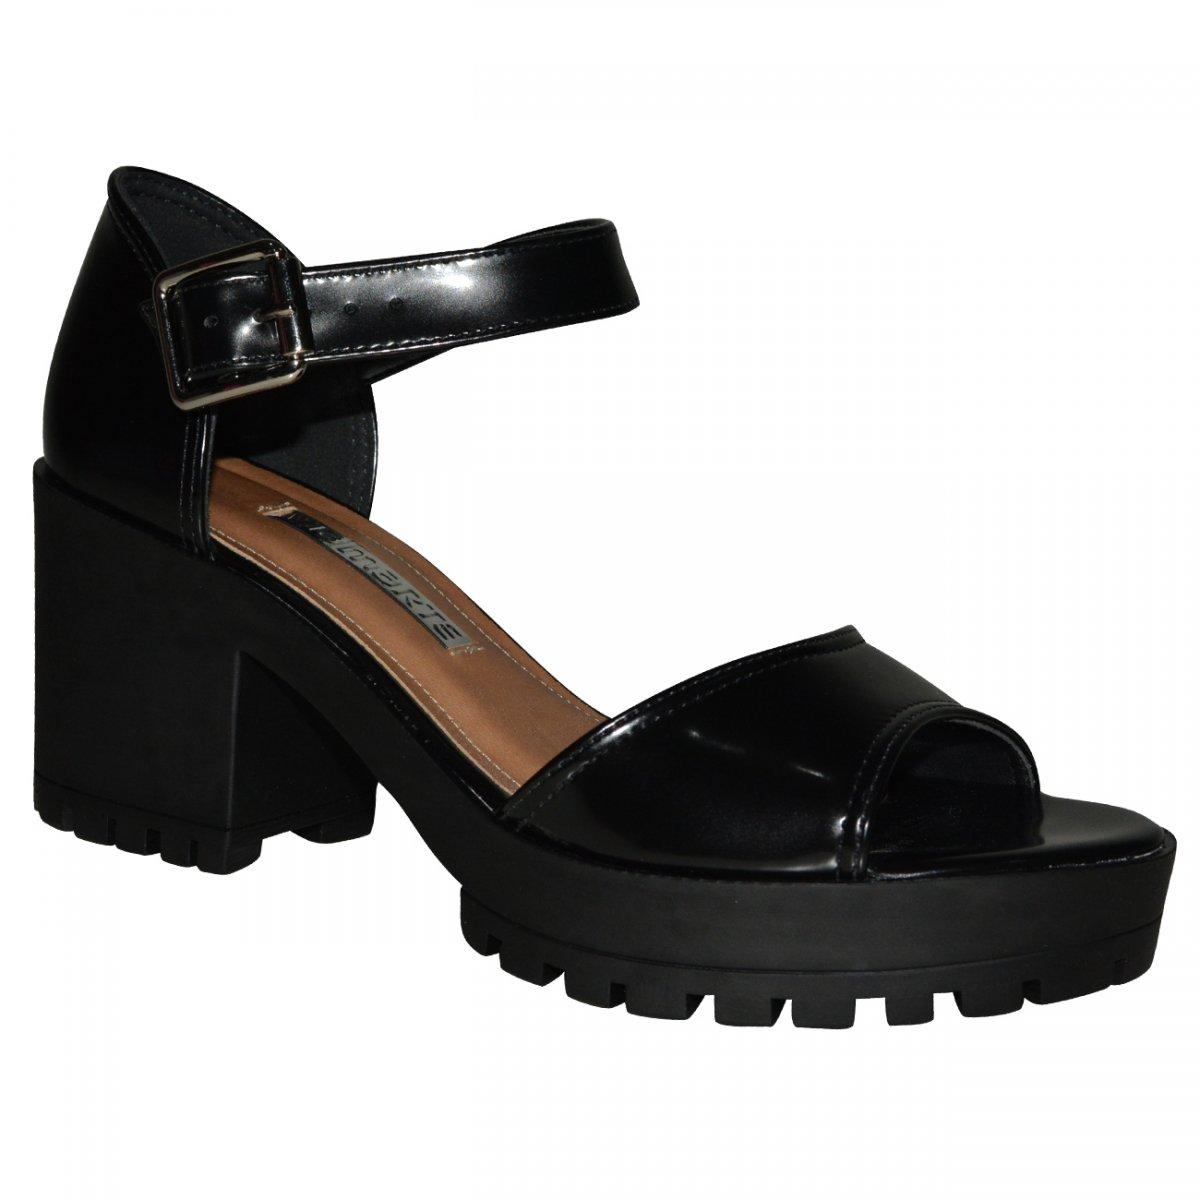 6783884e50 comprar sandalia Via Marte salto tratorado